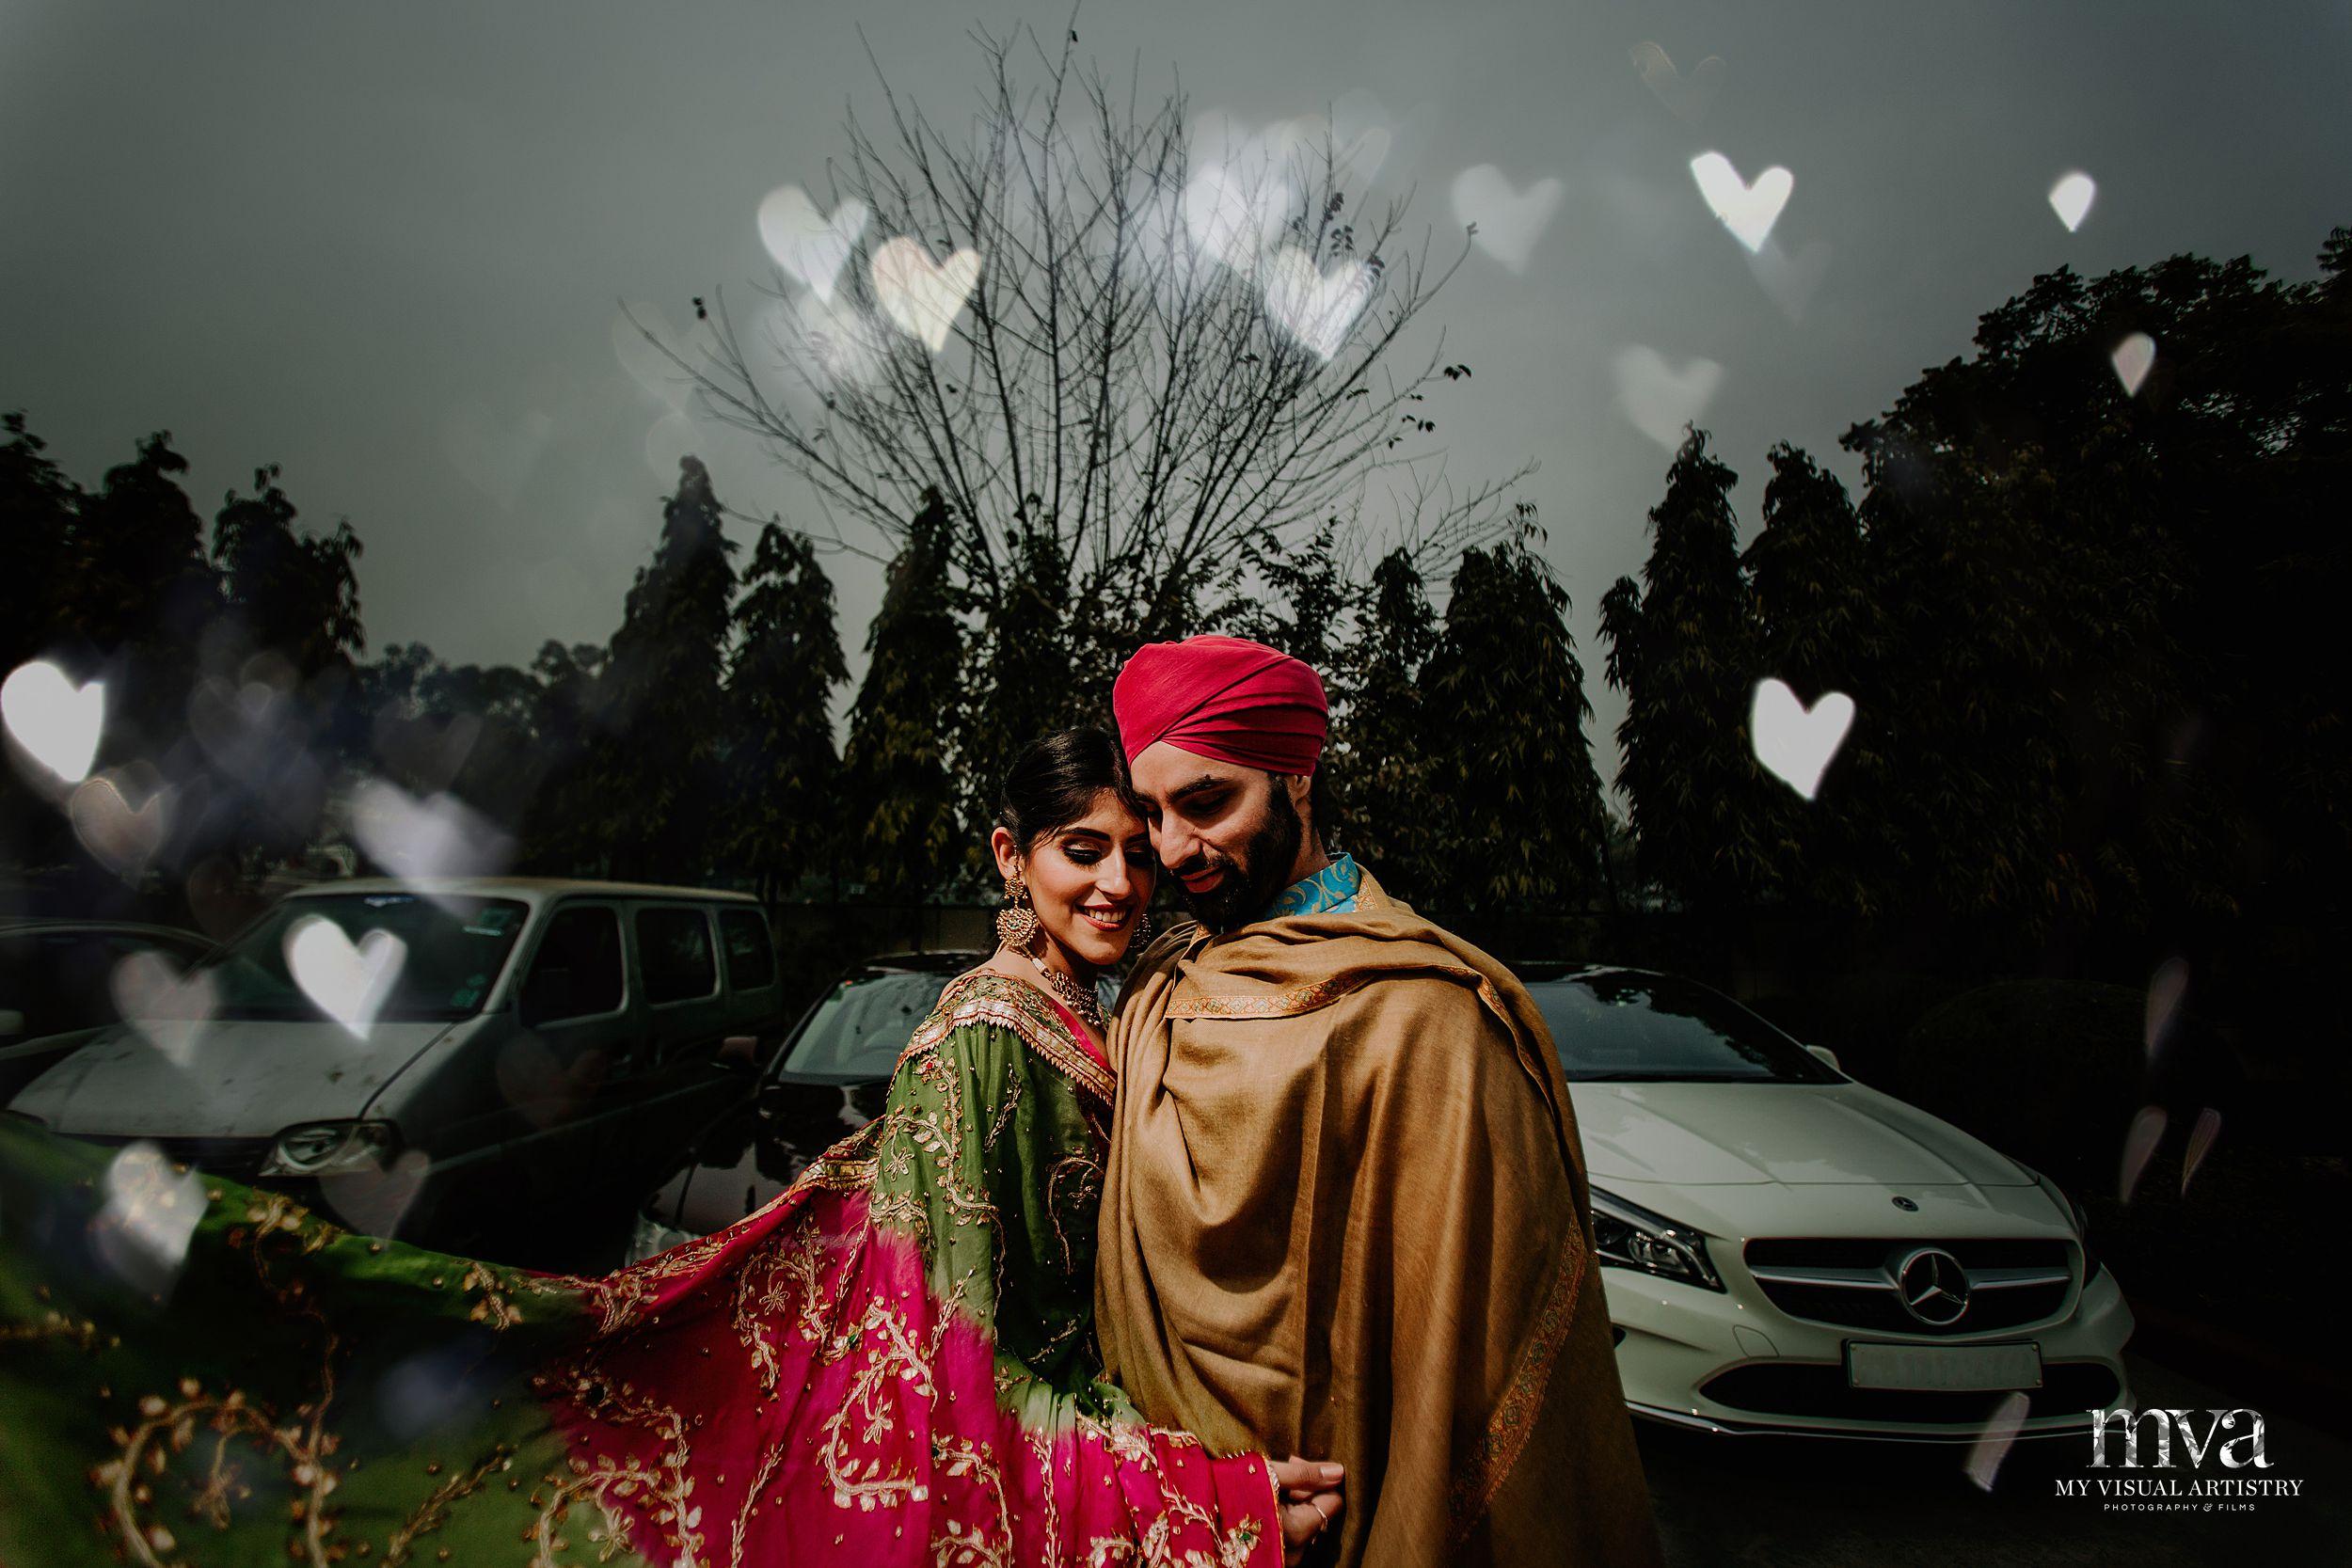 anant_arundhati_myvisualartistry_mva_wedding_sikh_ - 064.jpg